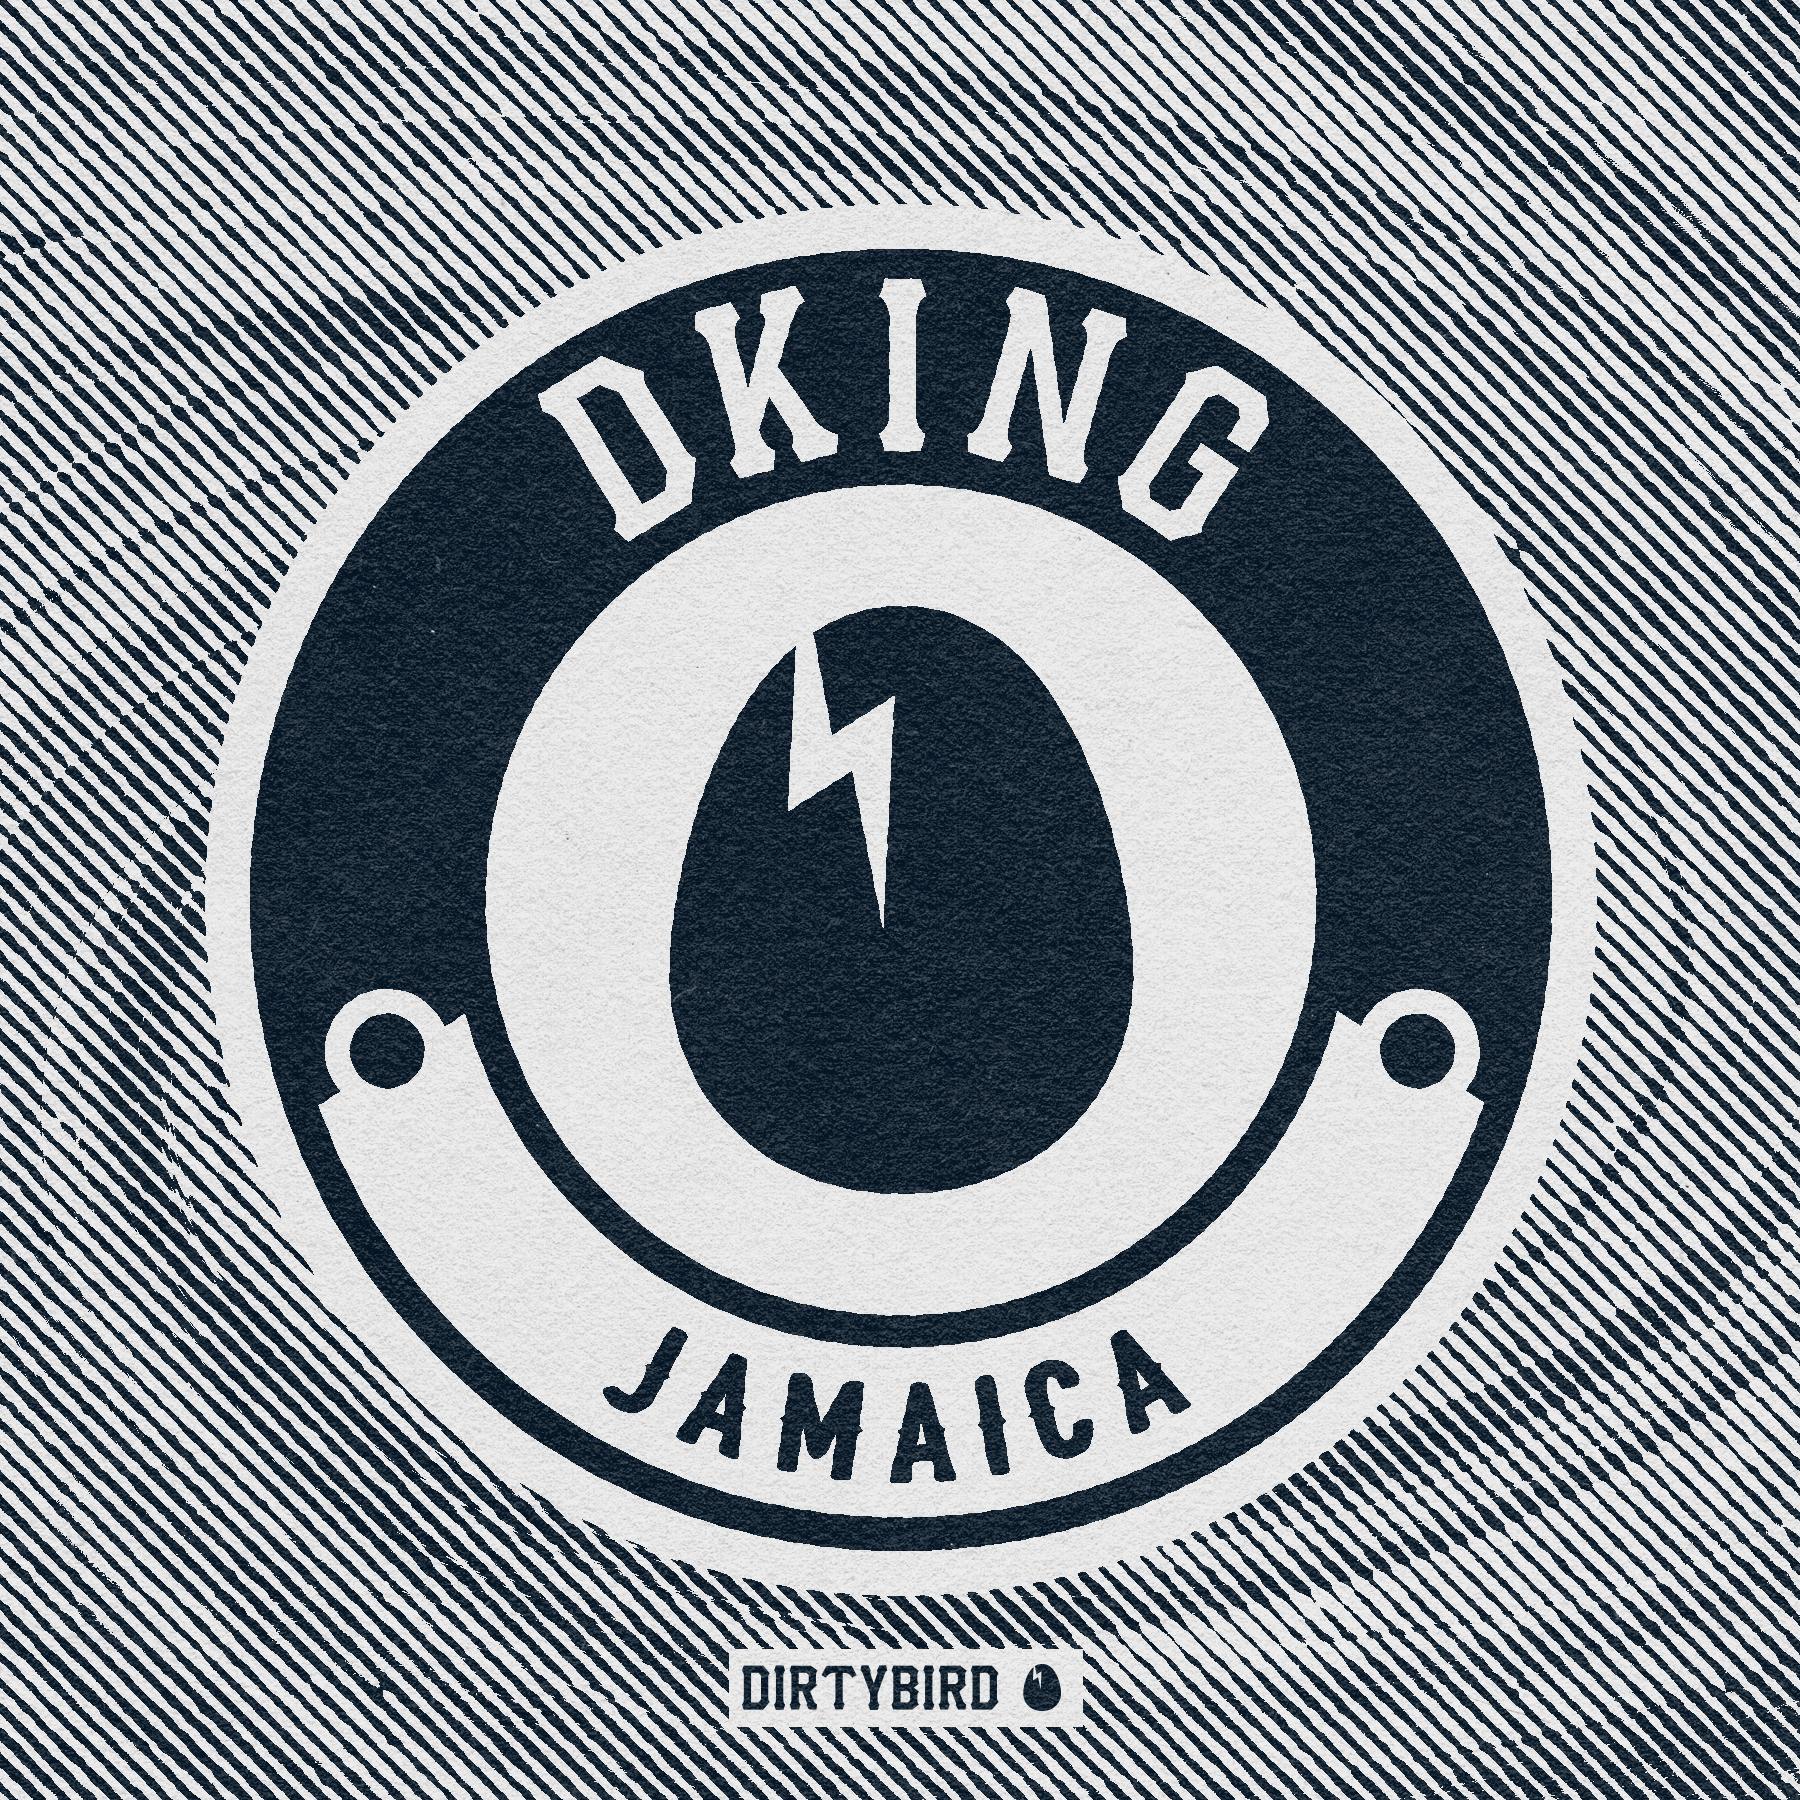 Birdfeed dking jamaica